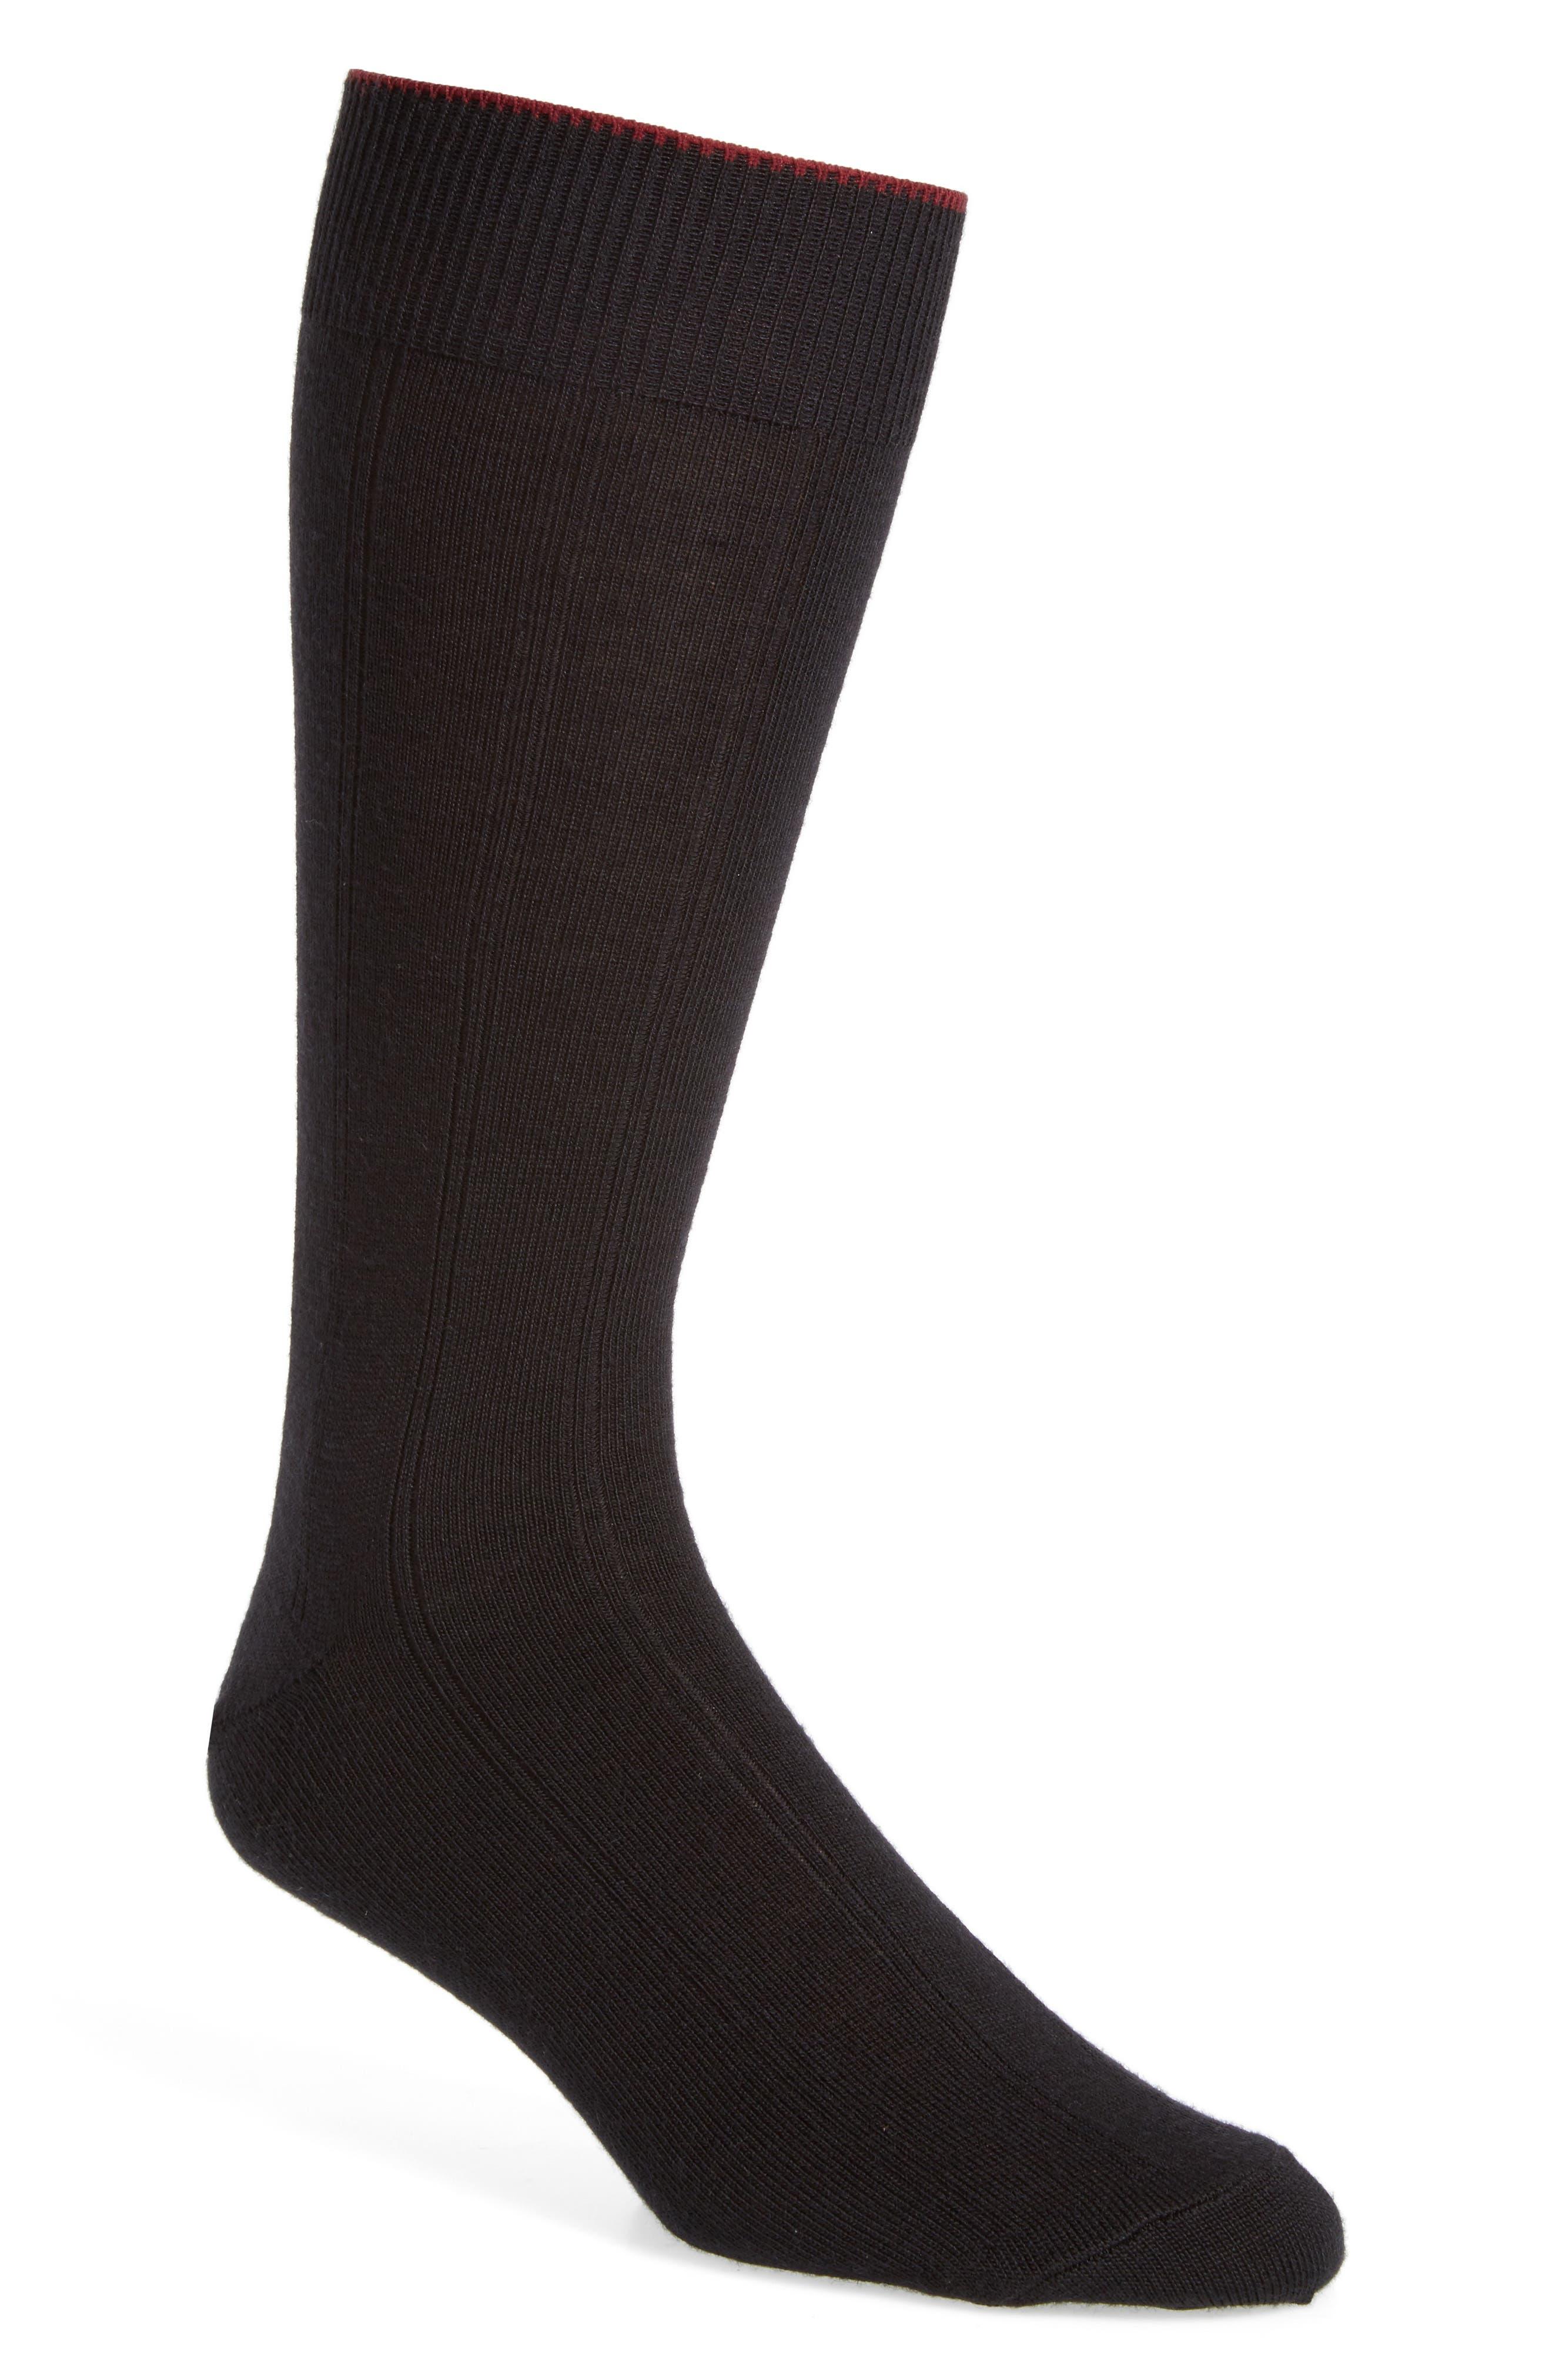 Alternate Image 1 Selected - Nordstrom Men's Shop Rib Wool Blend Socks (Men) (3 for $30)